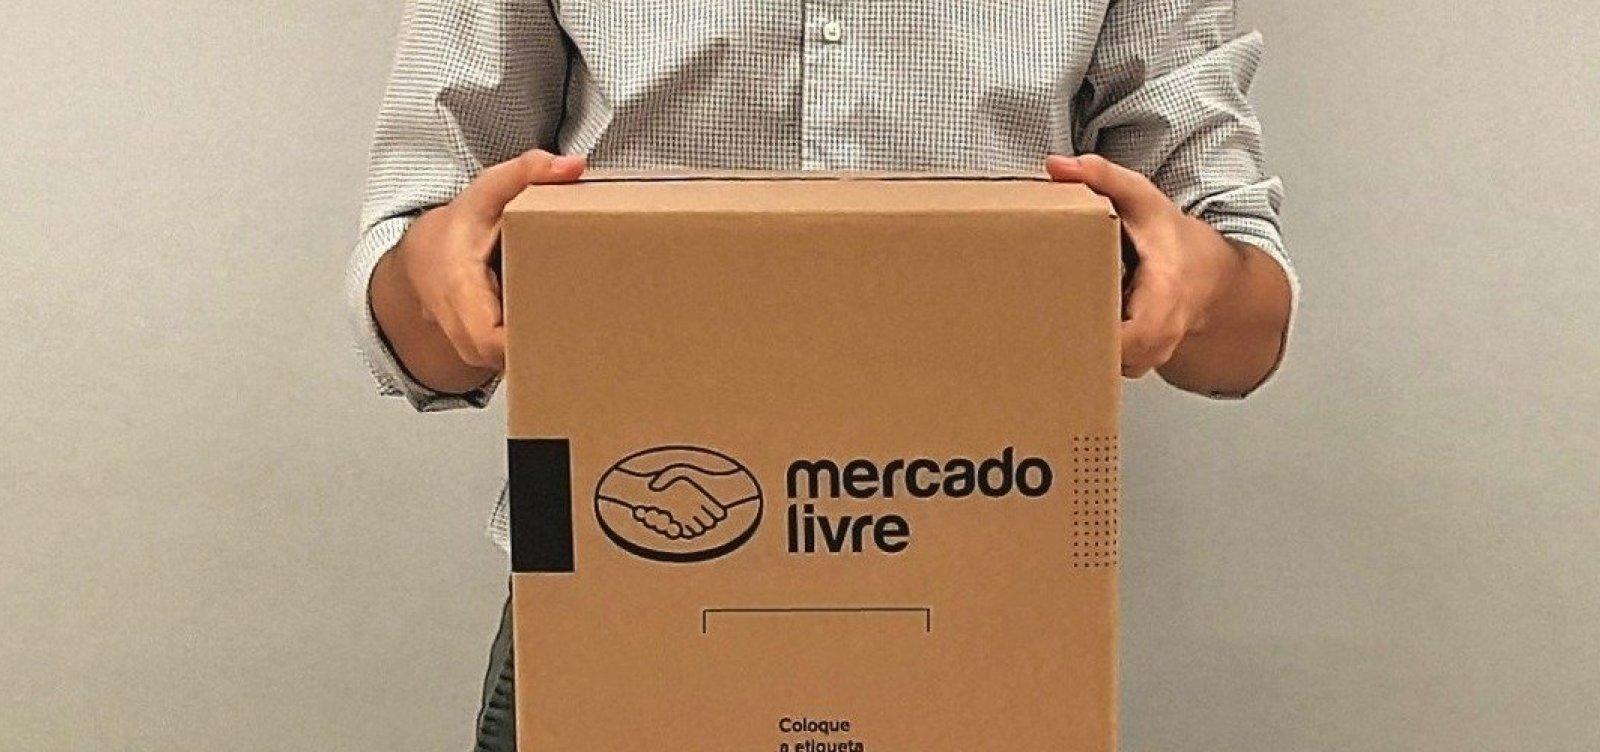 [Mercado Livre anuncia abertura de centro de distribuição na Bahia]